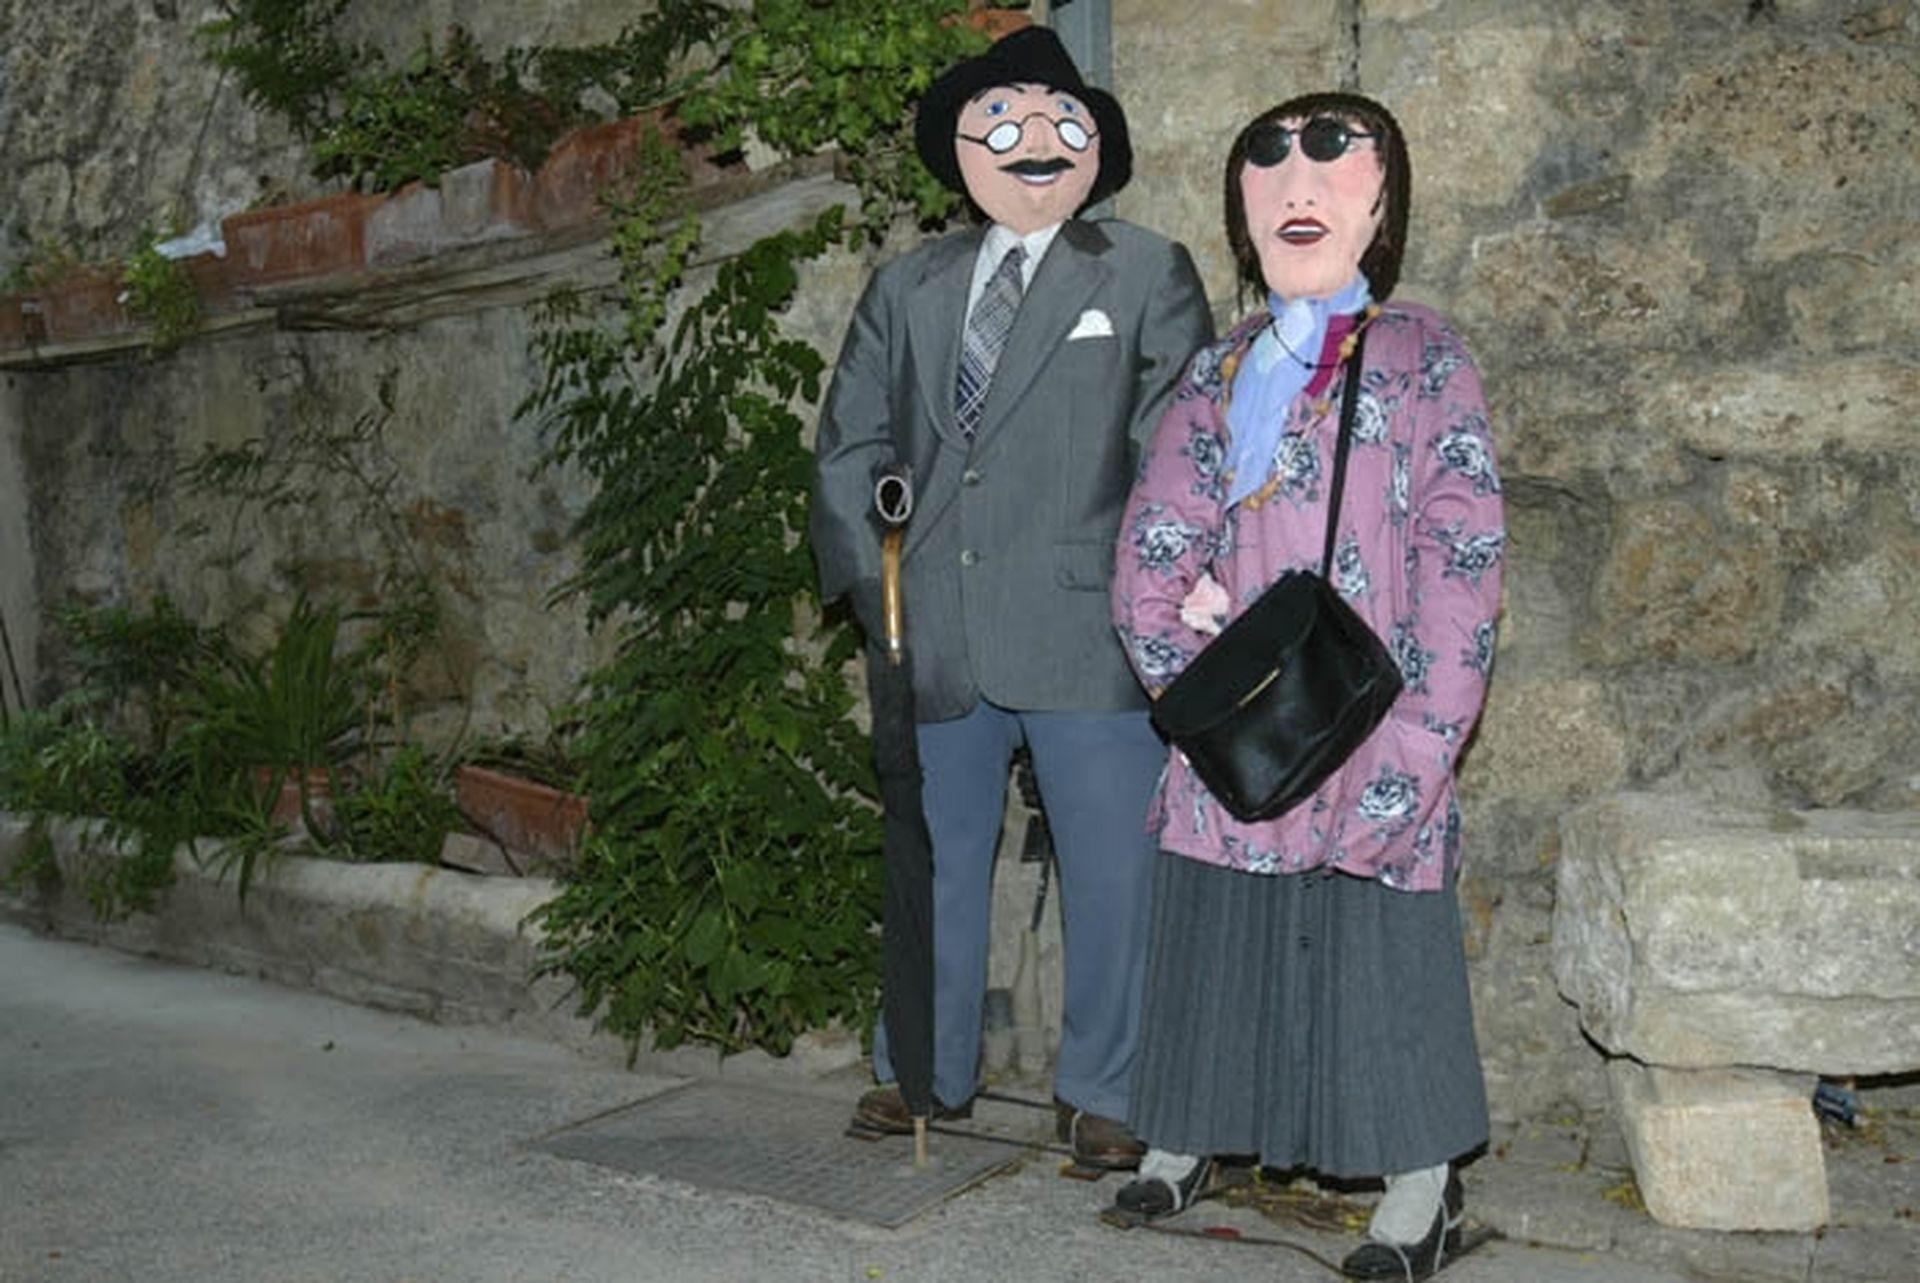 Petetas de Murviel Lès Béziers - Un couple de poupées de chiffon à taille humaine dans une ruelle du village